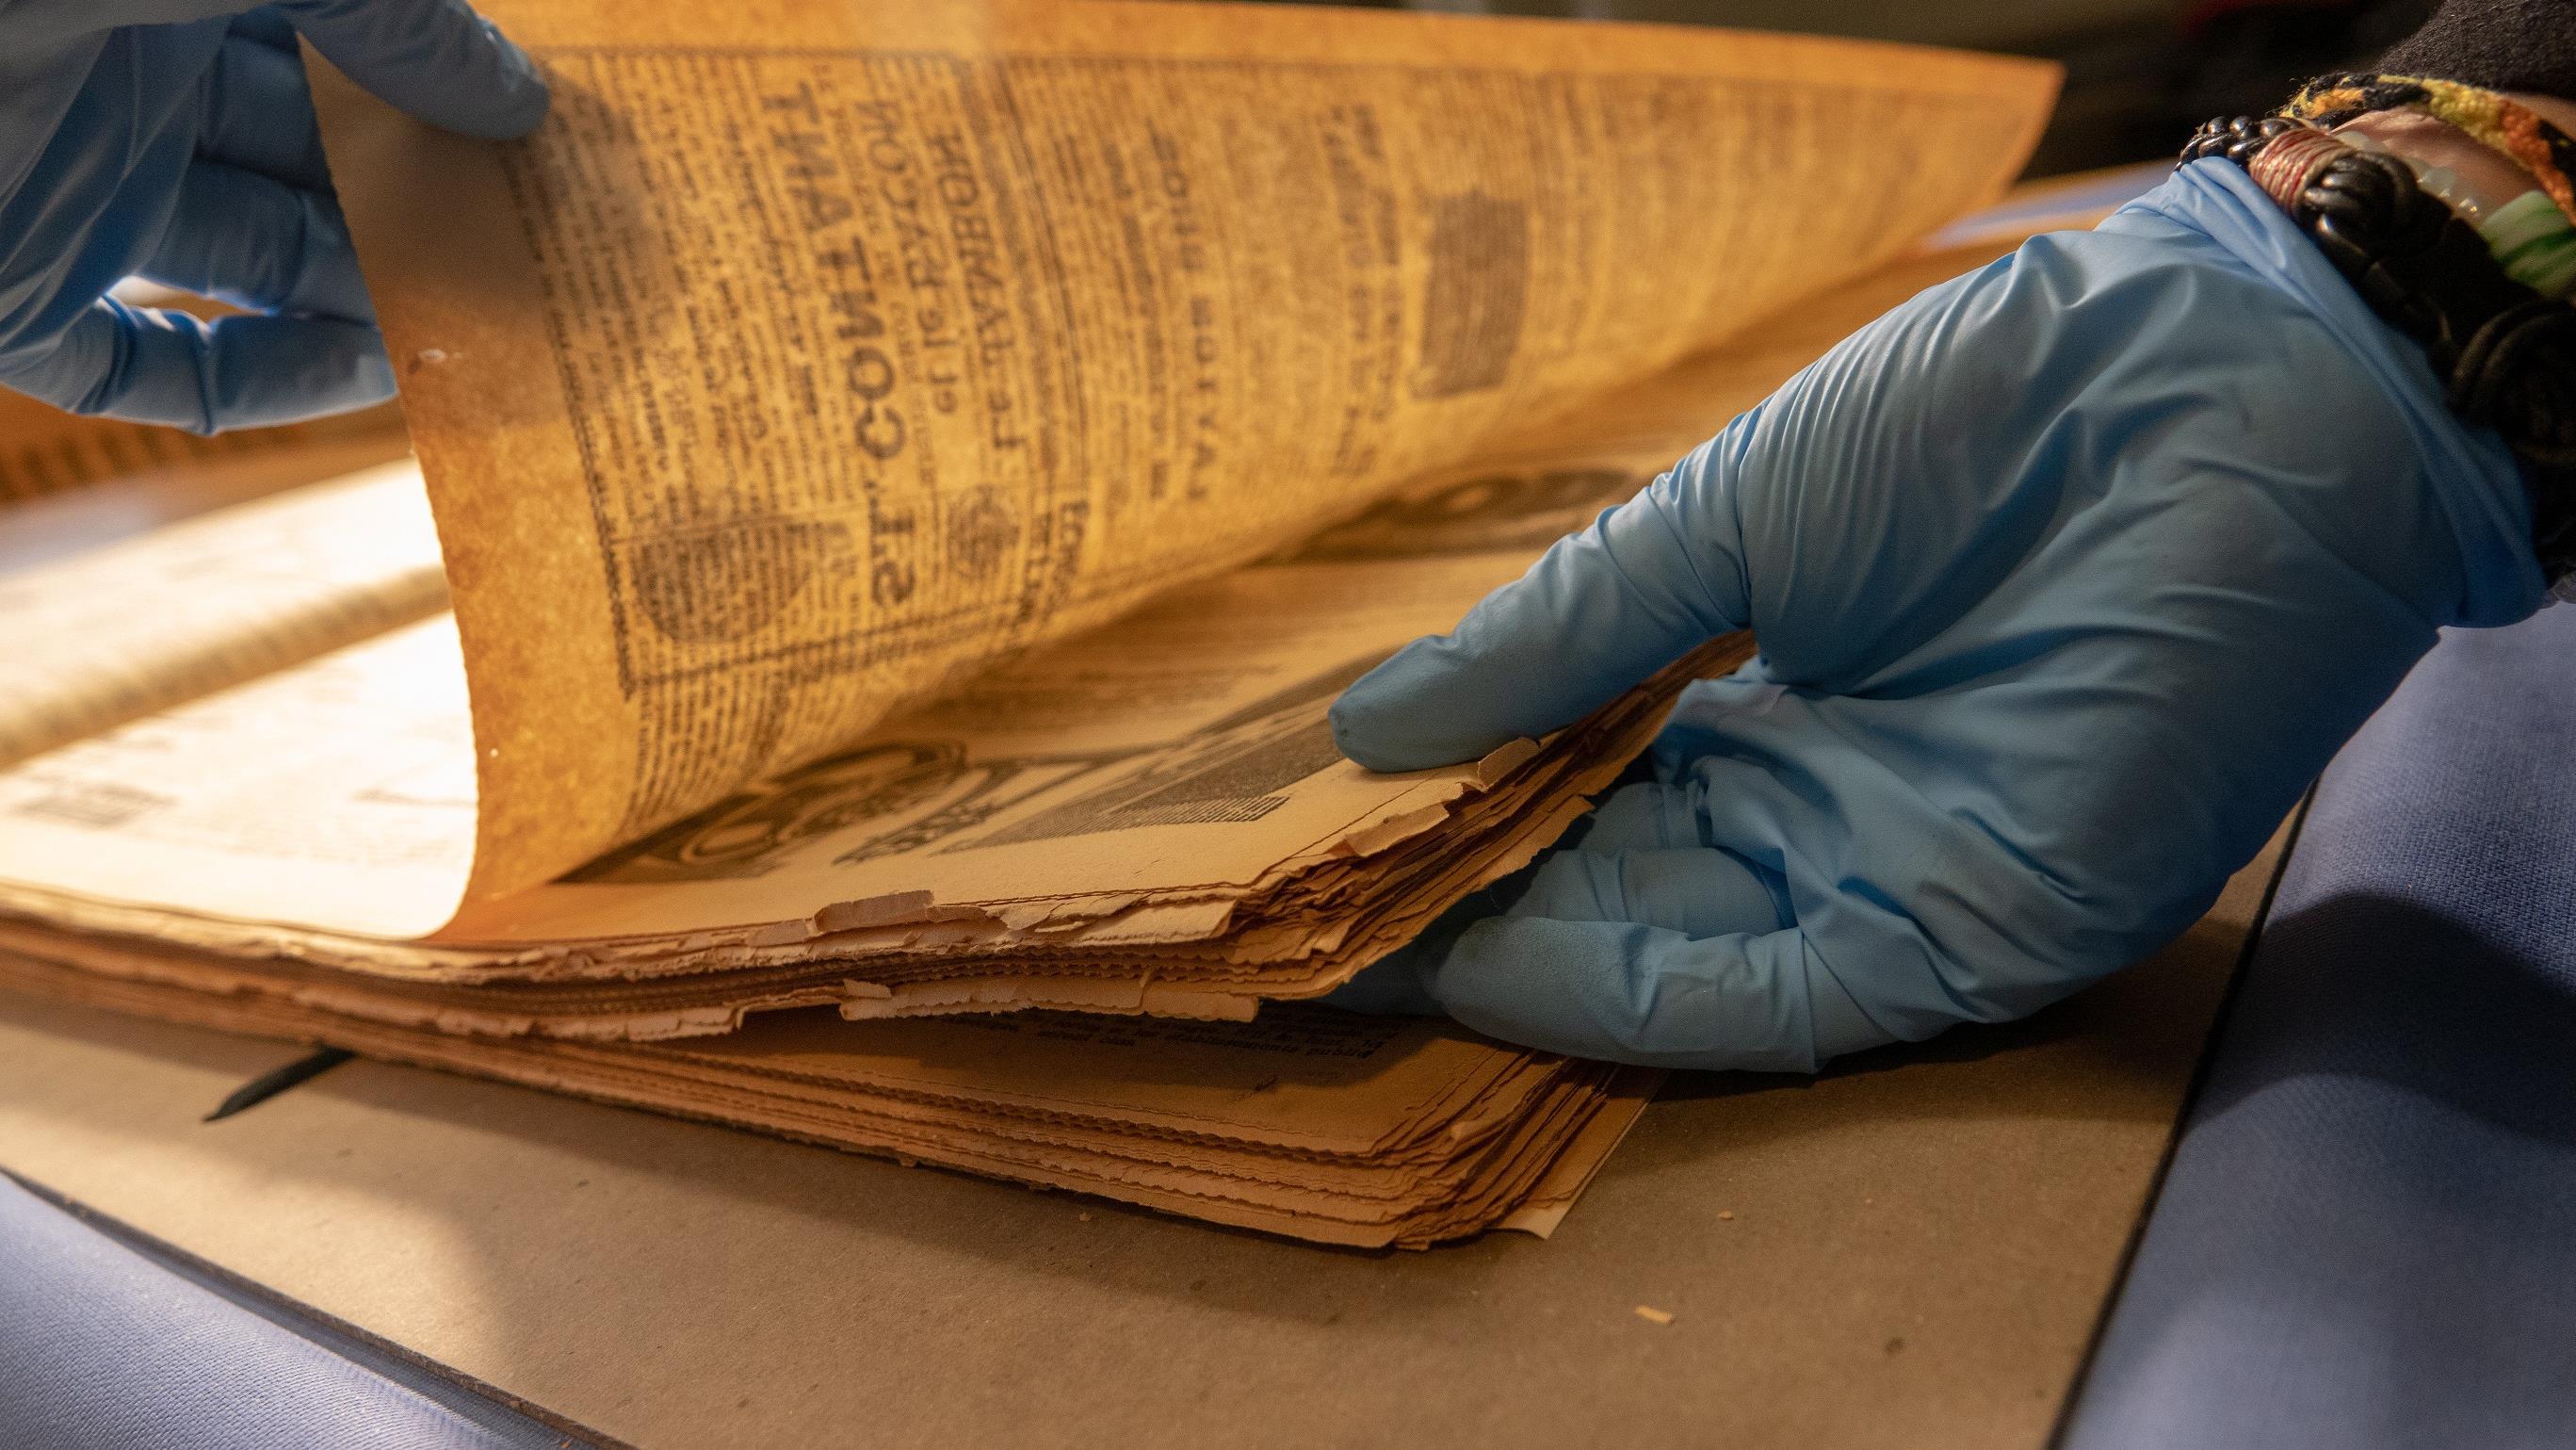 Une archiviste déplie délicatement des journaux de 1919. Photo : Radio-Canada/Martin Thibault